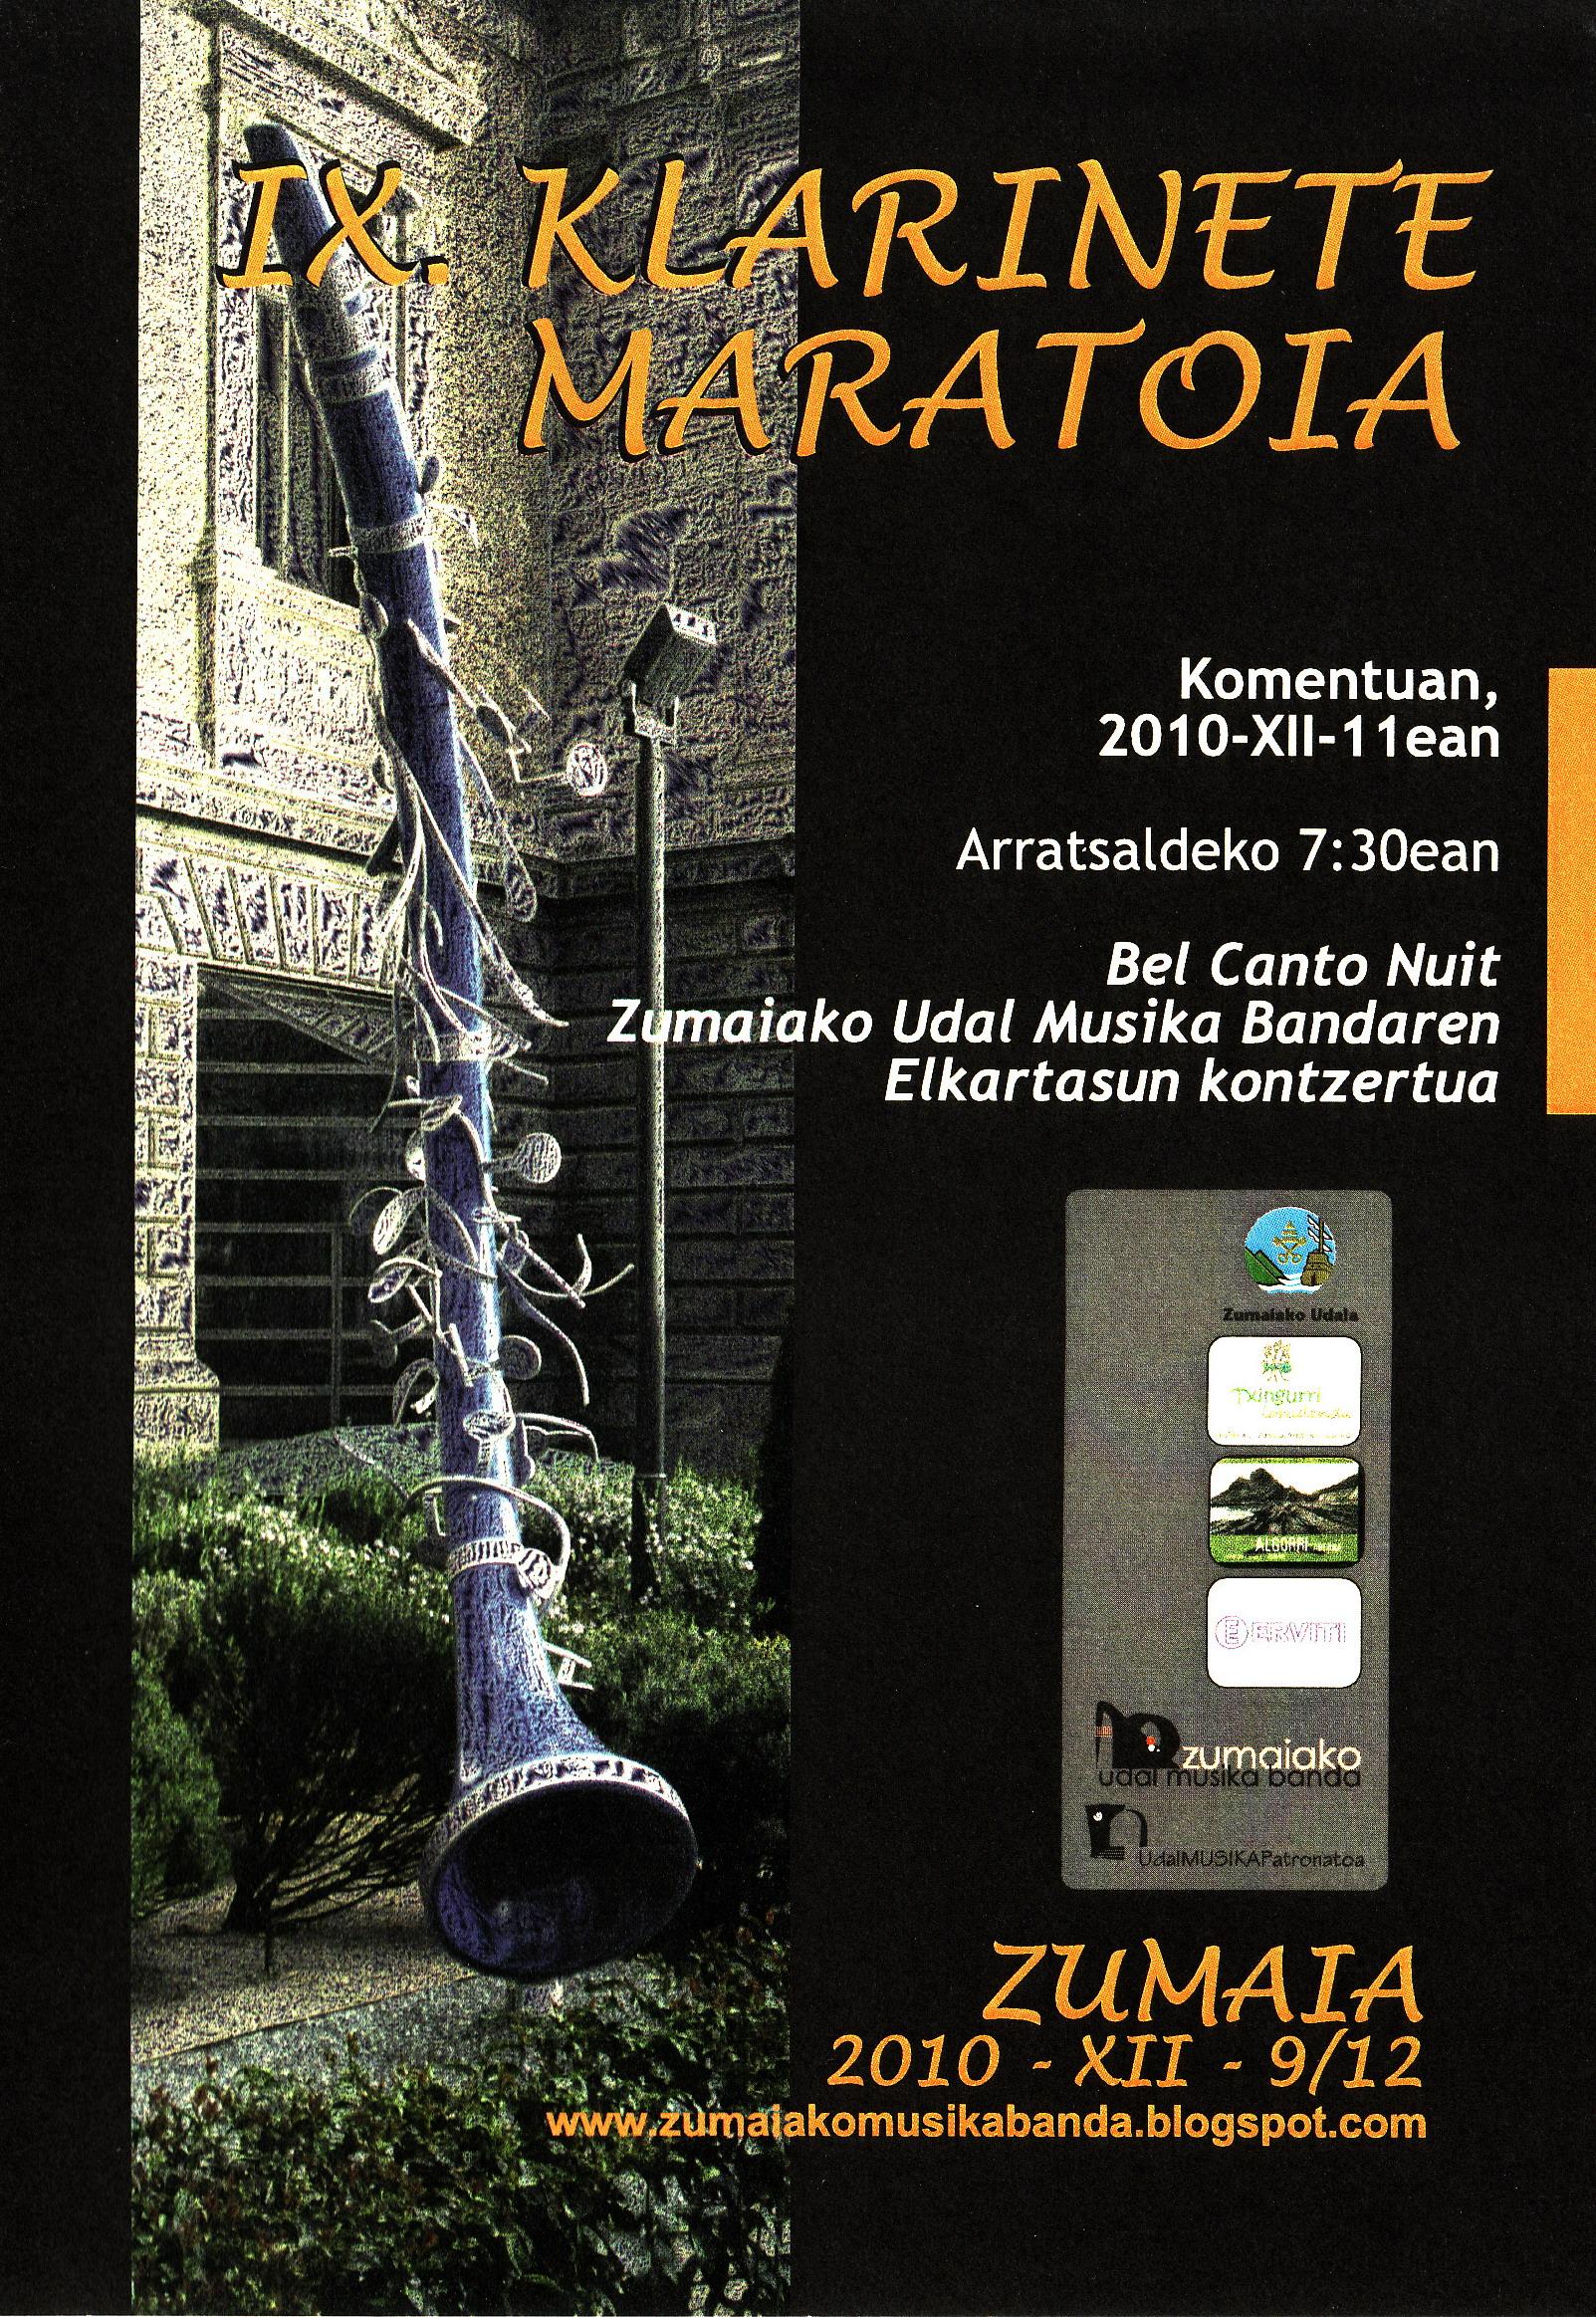 2010 IX. Klar.Mar.Bel Canto